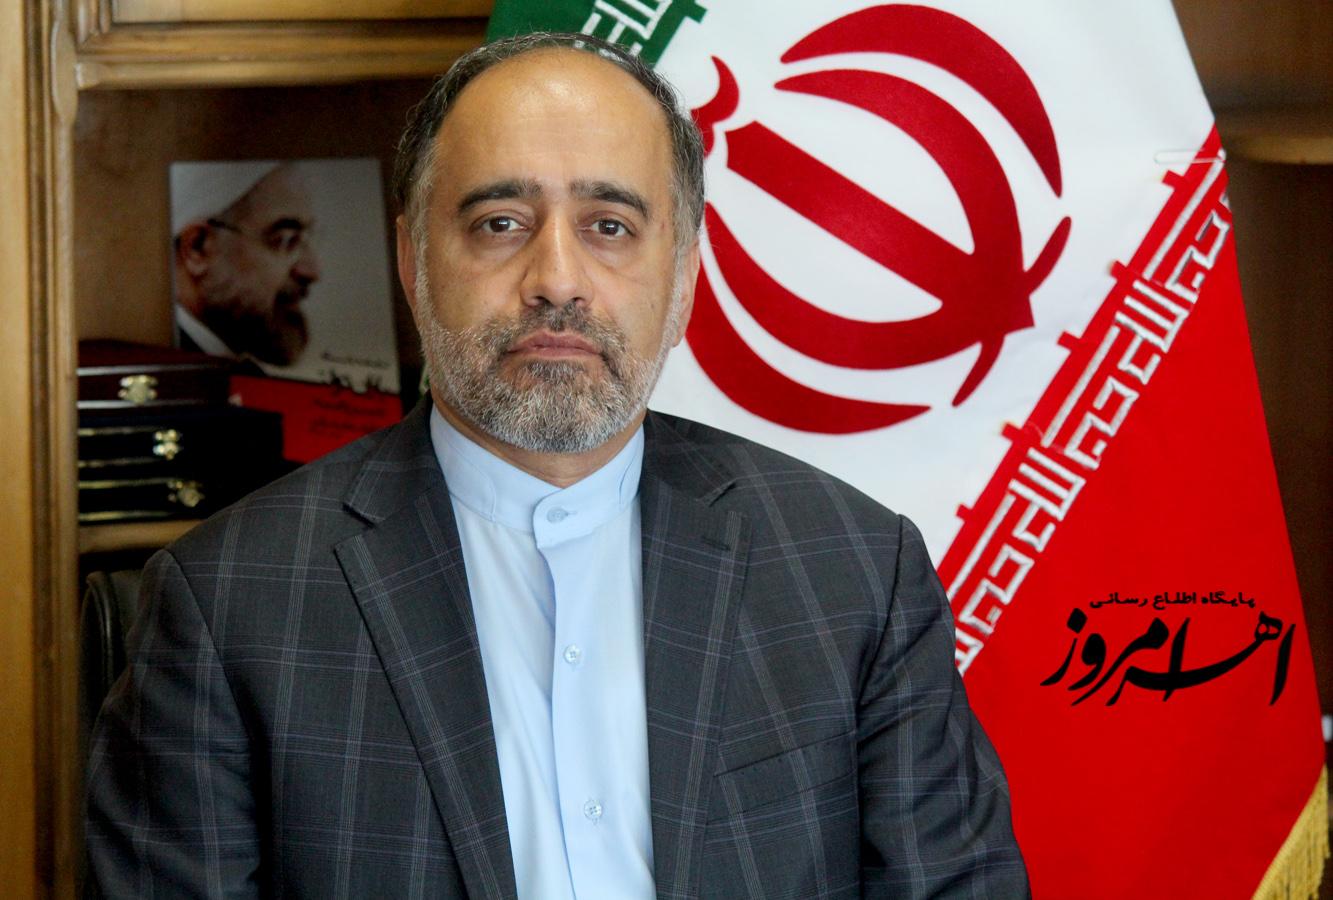 فرآیند اخذ رأی الکترونیکی انتخابات شورای اسلامی شهر اهر بهصورت آزمایشی برگزار میشود